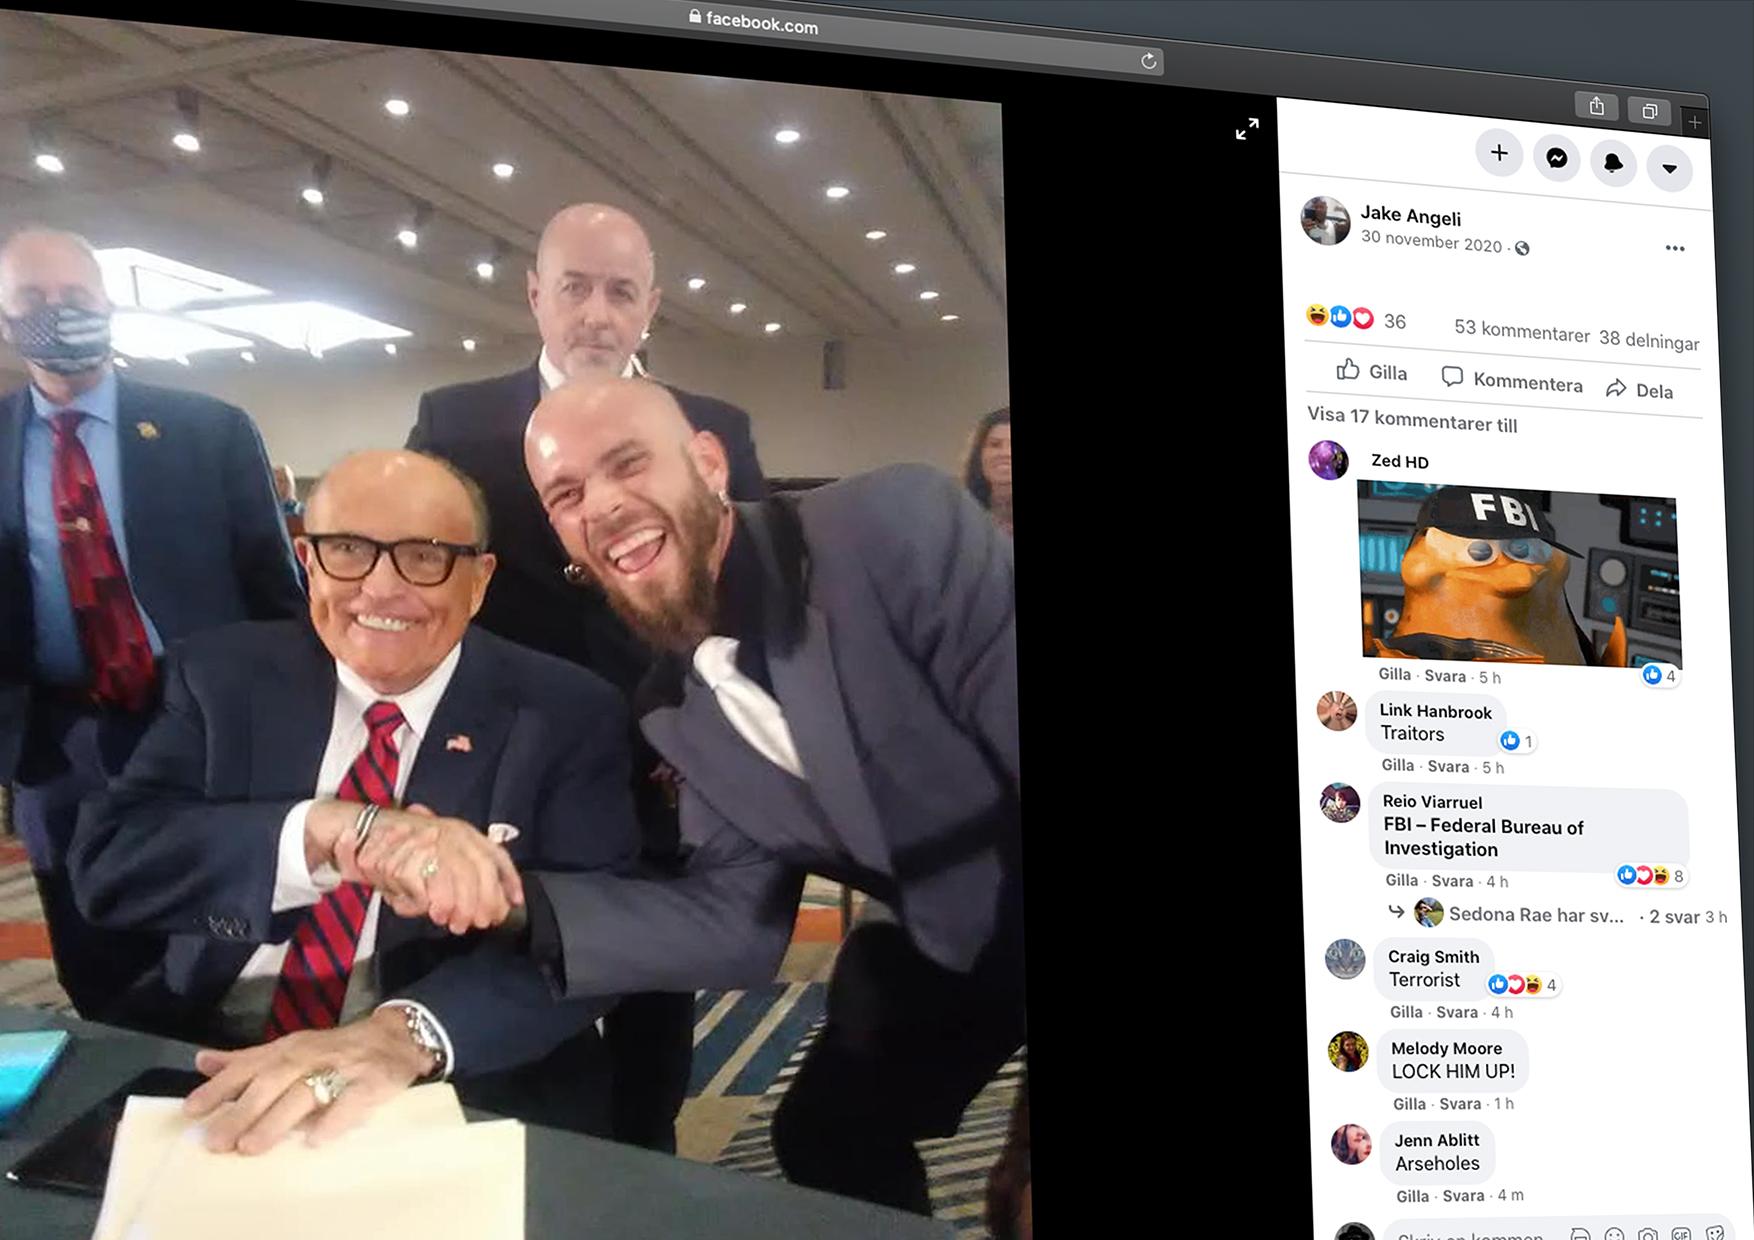 Jake Angeli skakar hand med Donald Trumps advokat Rudy Guiliani. Skärmdump från hans facebooksida.